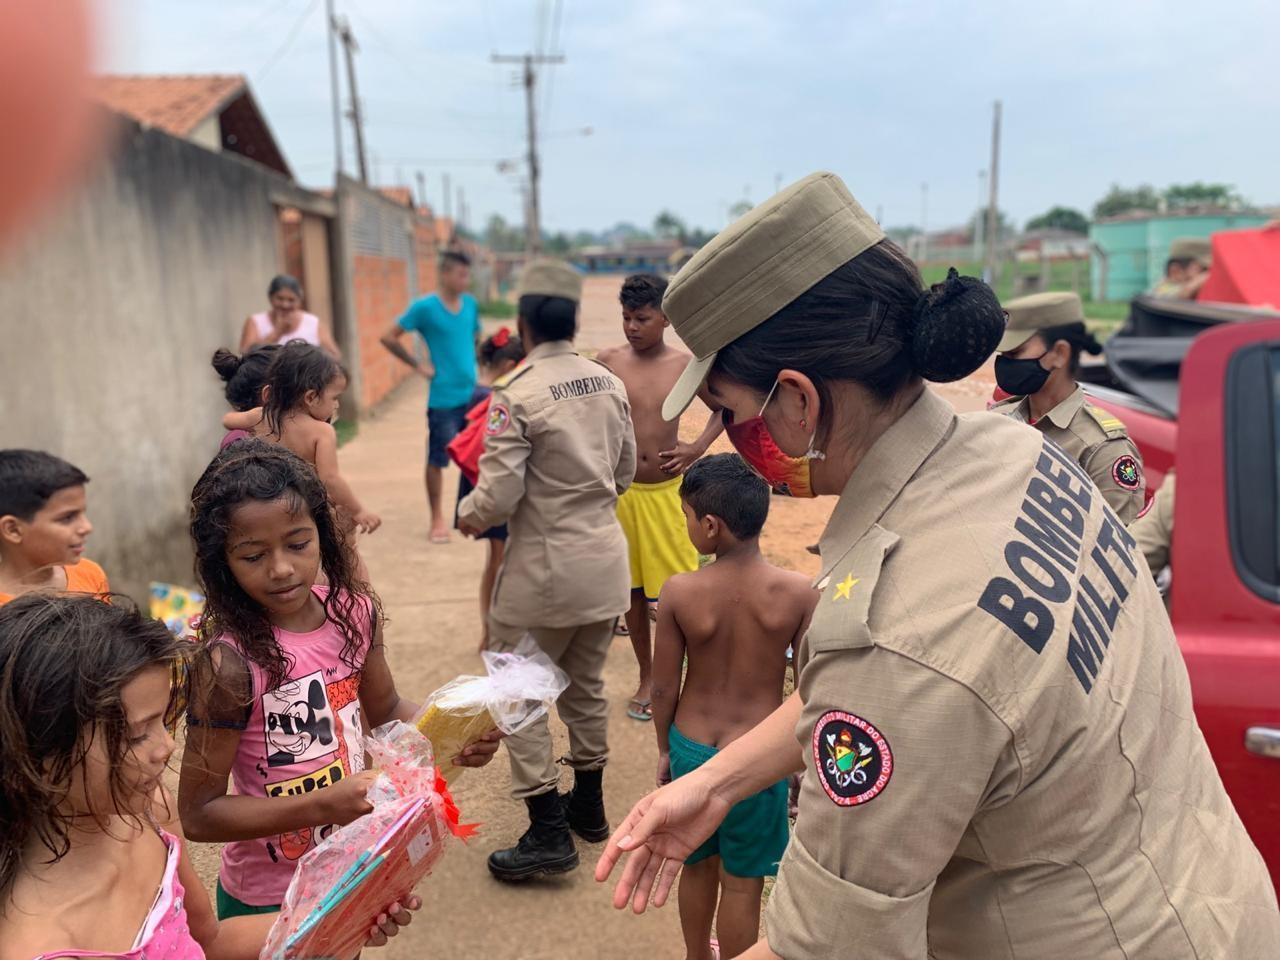 Bombeiros entregam 1,5 mil brinquedos a crianças carentes em ação no Acre